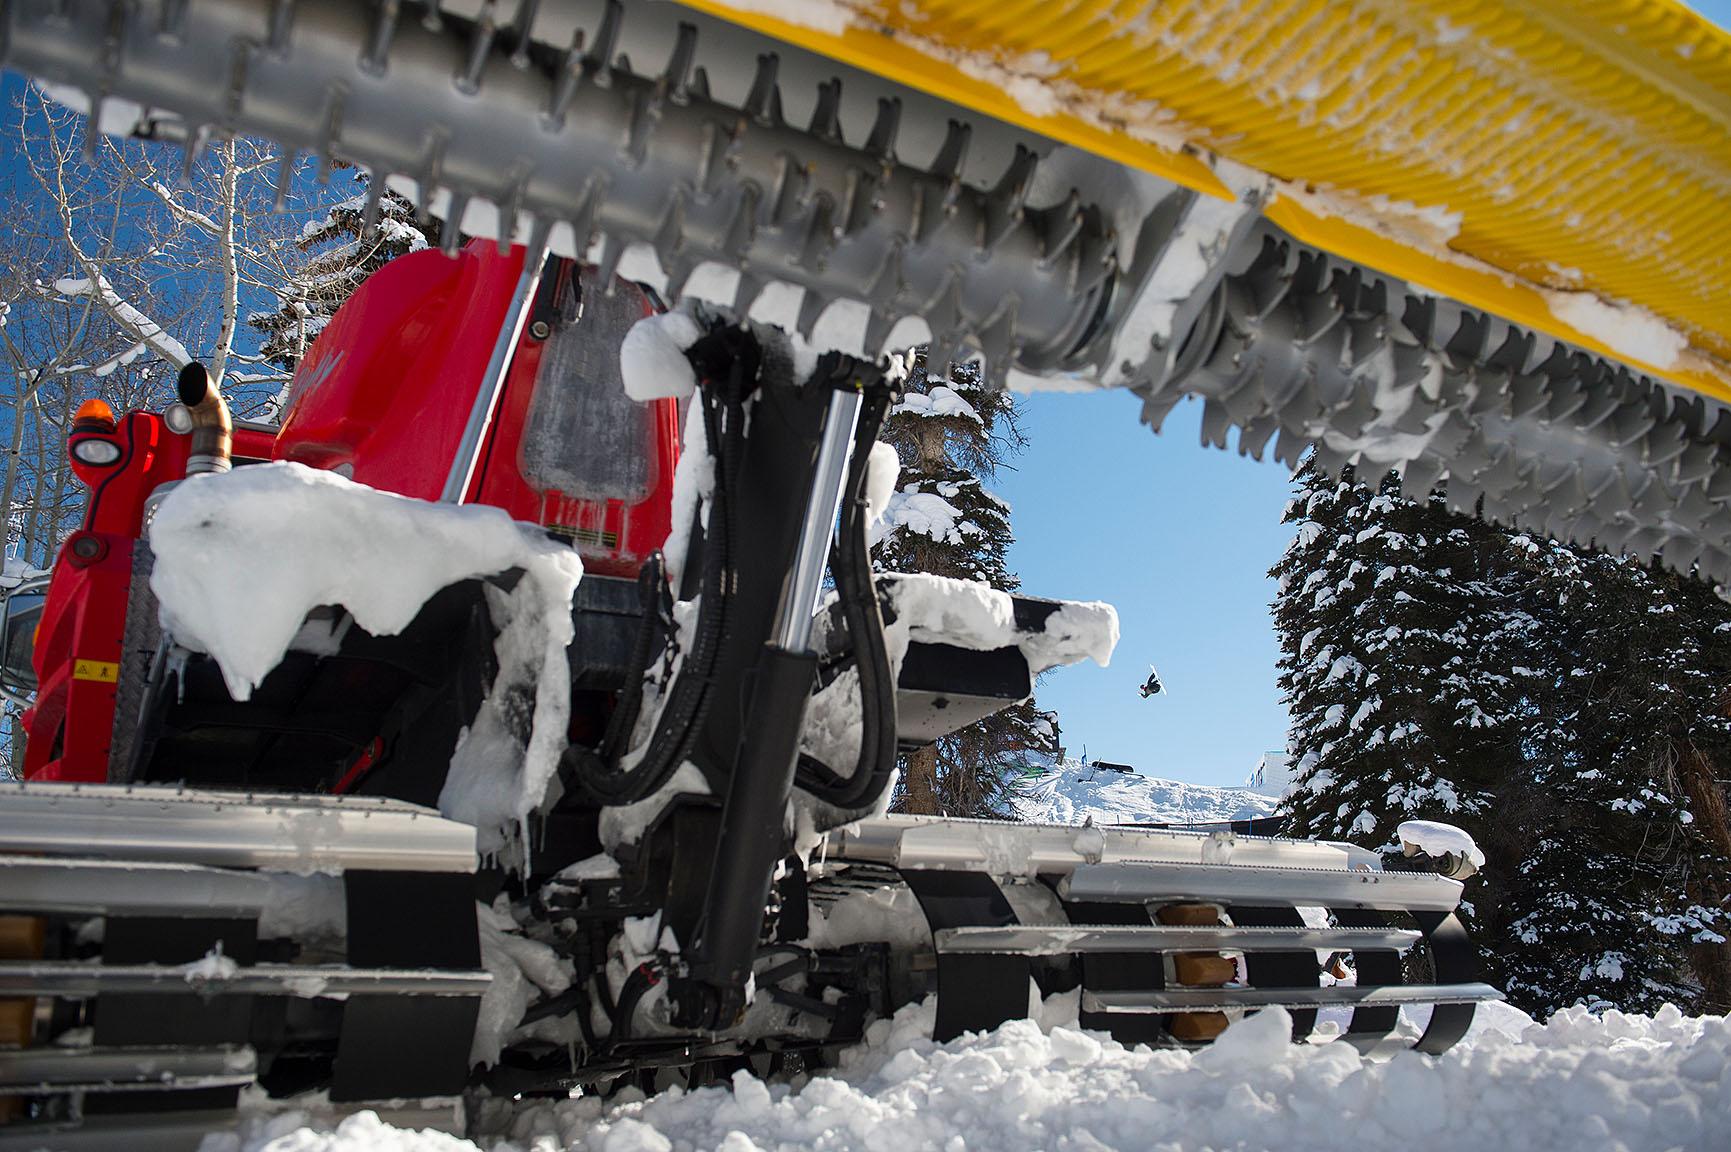 Sven Thorgren, Snowboard Slopestyle Qualifier